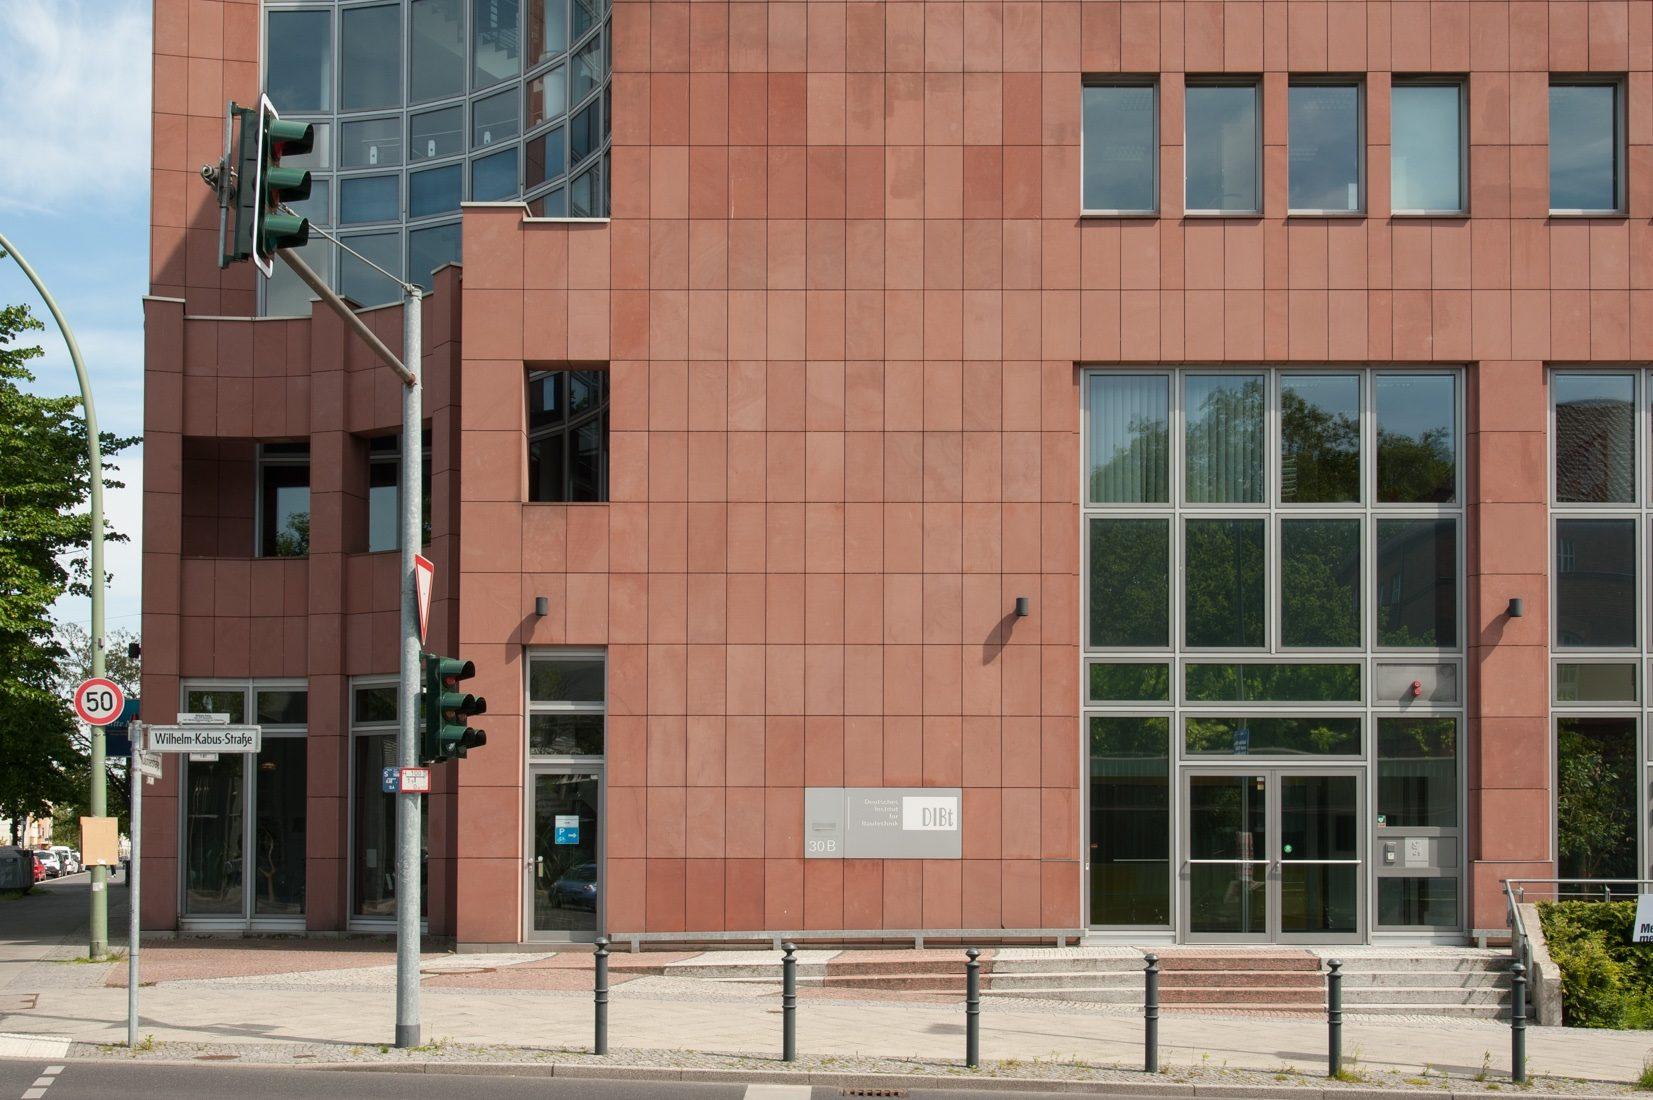 Als technische Behörde übernimmt das Institut öffentliche Aufgaben im Baubereich. Foto: DIBt